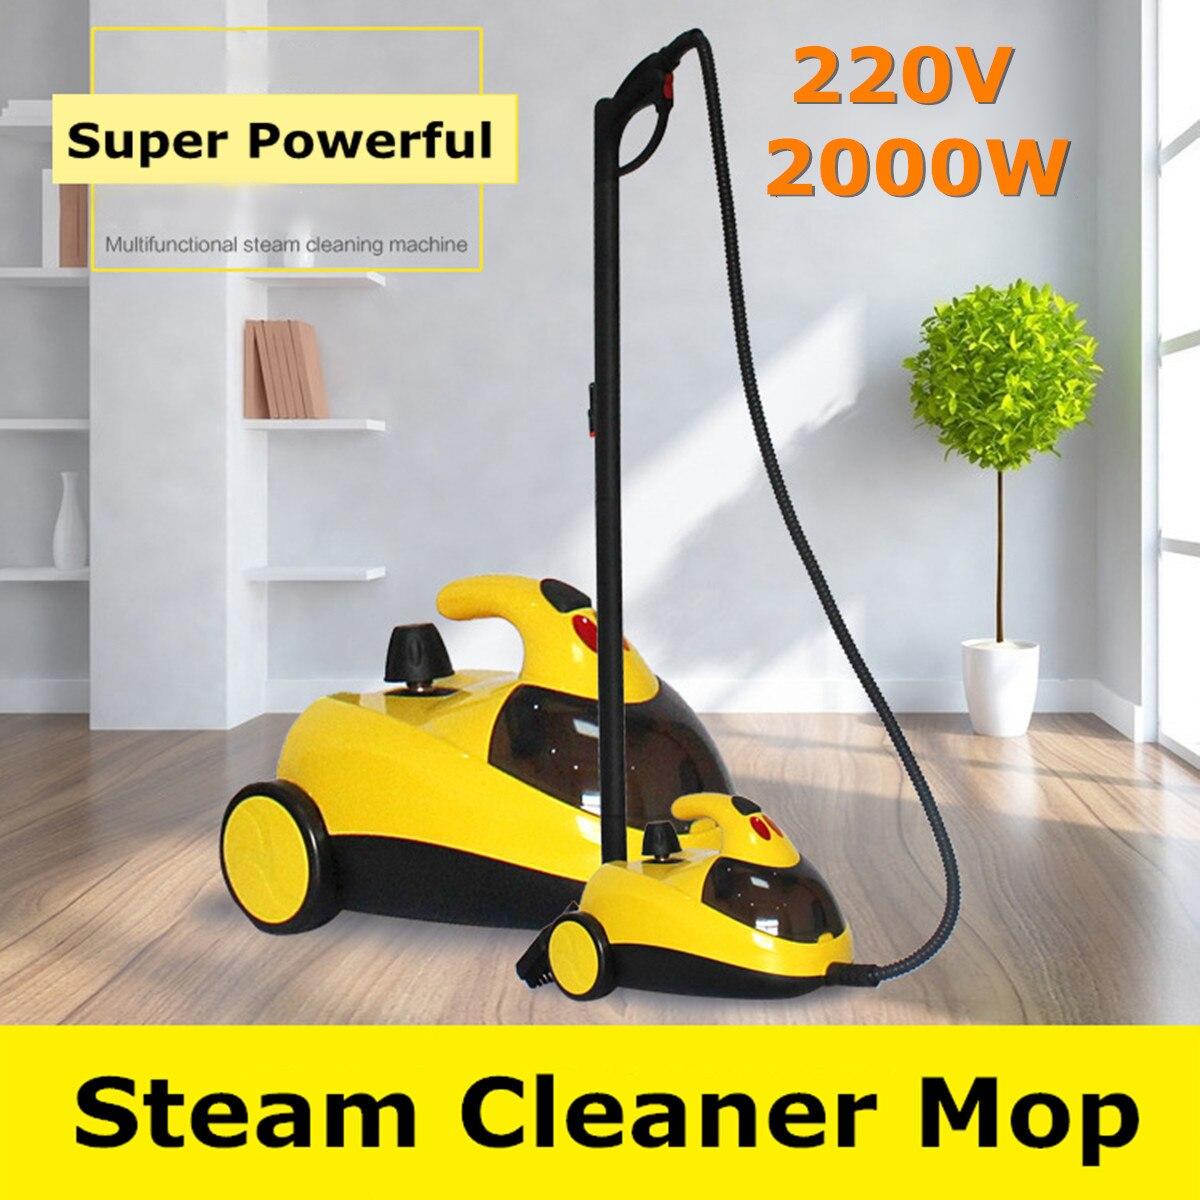 Nettoyeur de tapis de sol 13in1 AU220V 1.5L4.0 2000 W Bar nettoyeur à vapeur haute pression Machine de nettoyage 360 roue pour voiture de salle de bain propre